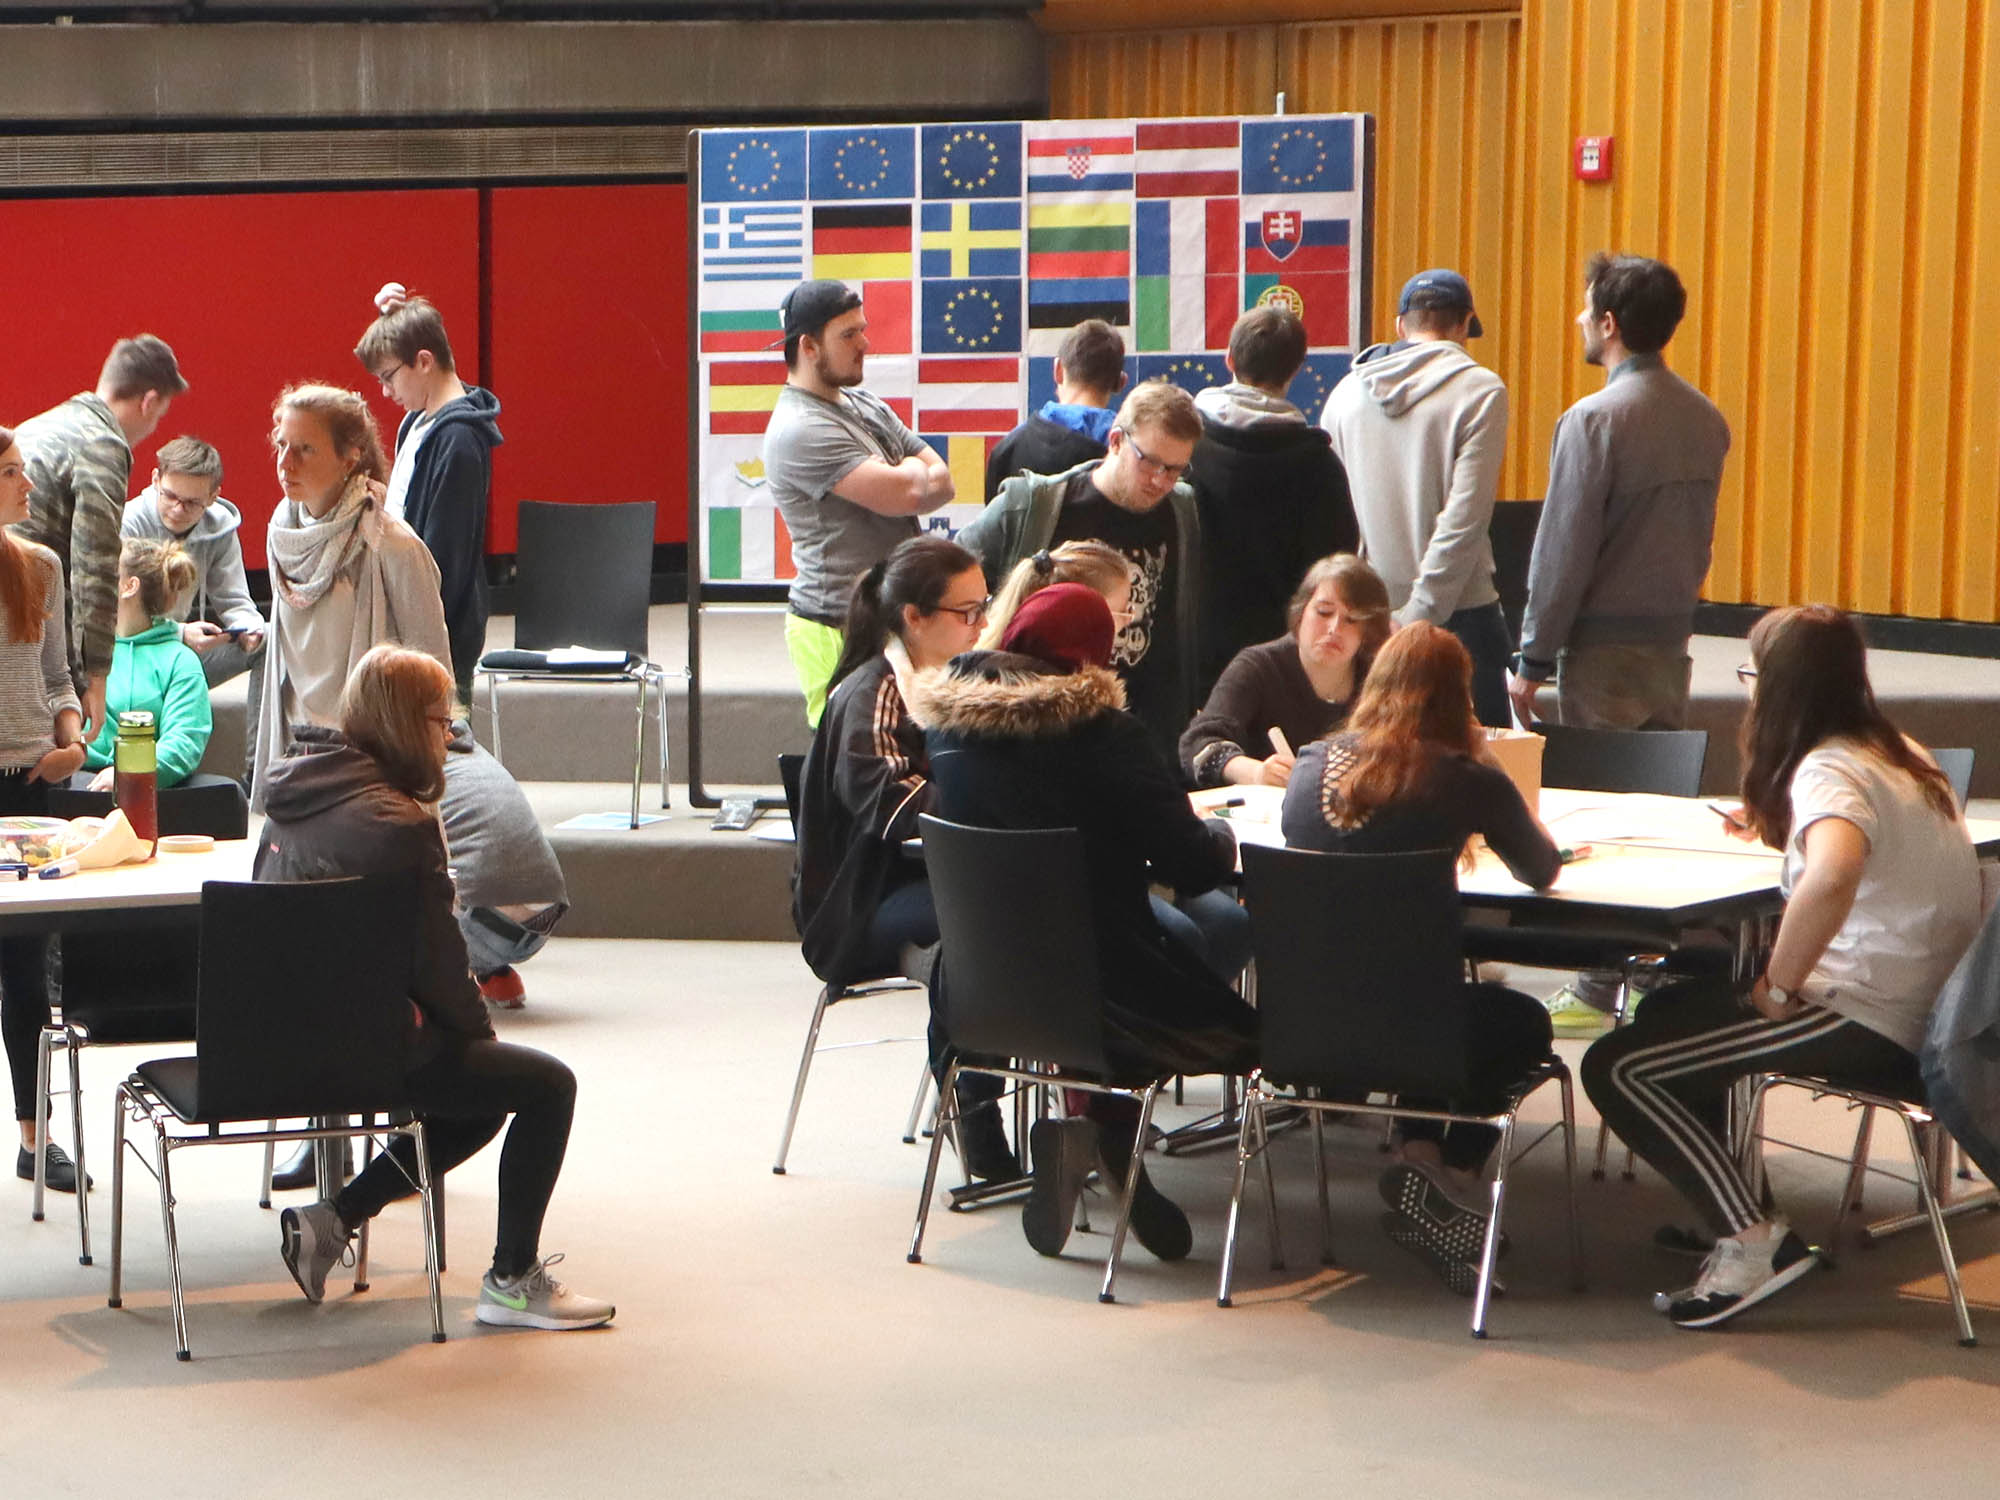 RWB Essen - RWB Europa Aktion - FotoaktiowRWB Essen - RWB Europa Aktion - Spiele rund um Europa